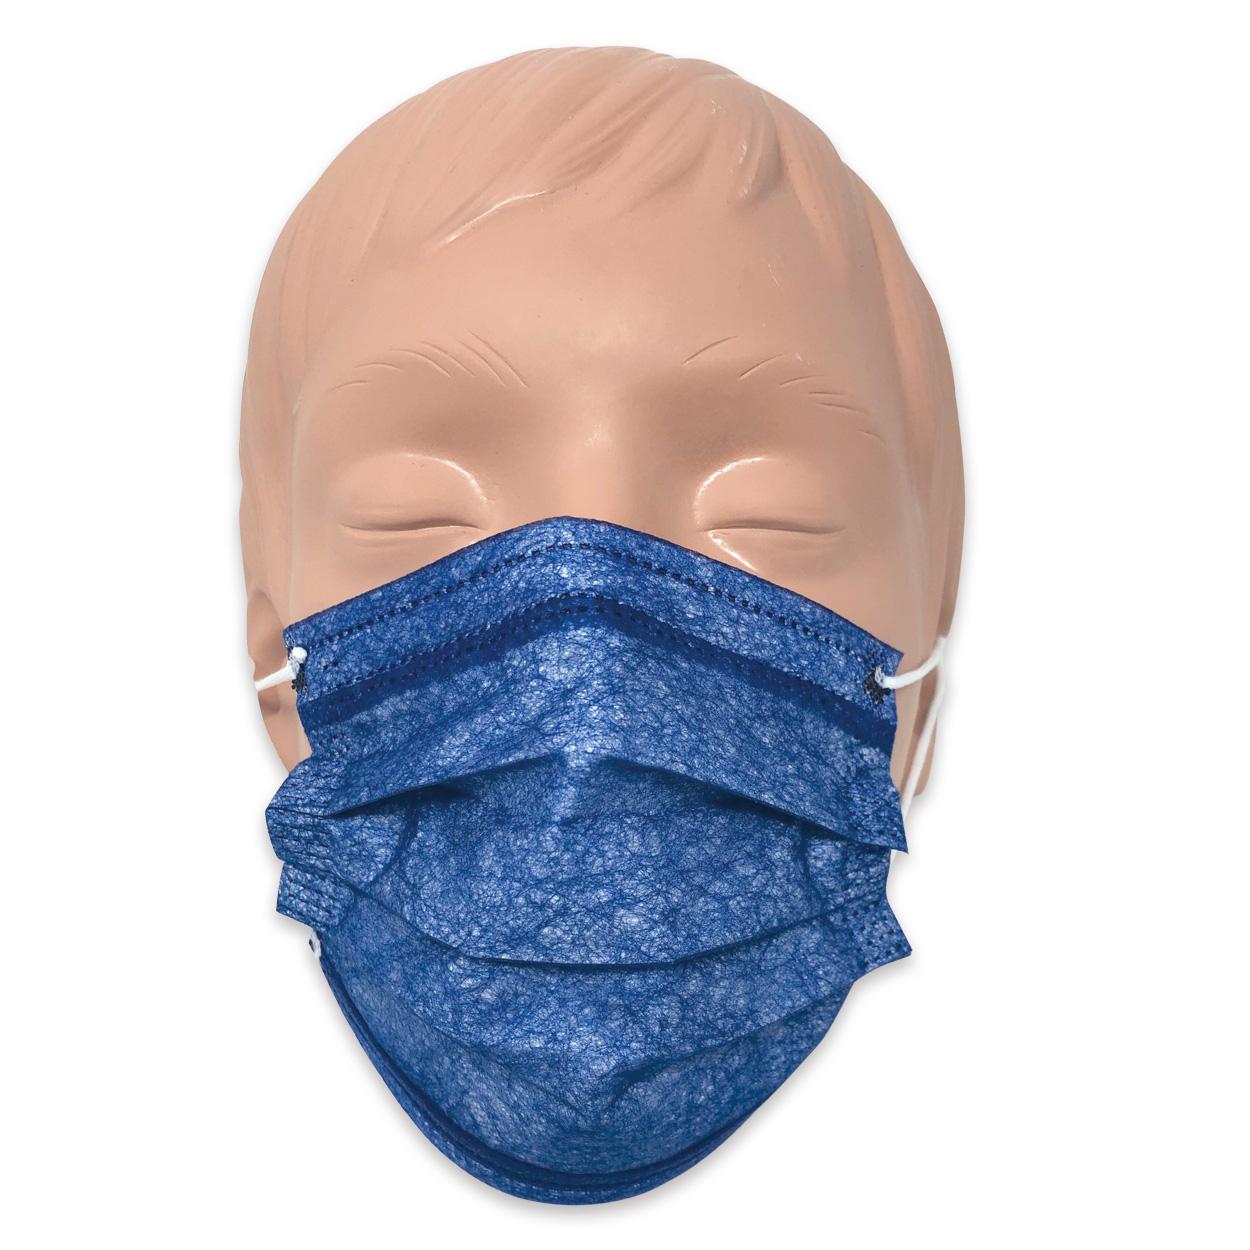 Mundschutz für Kinder in blau, Typ II, 3-lagig - Packung à 50 Stück